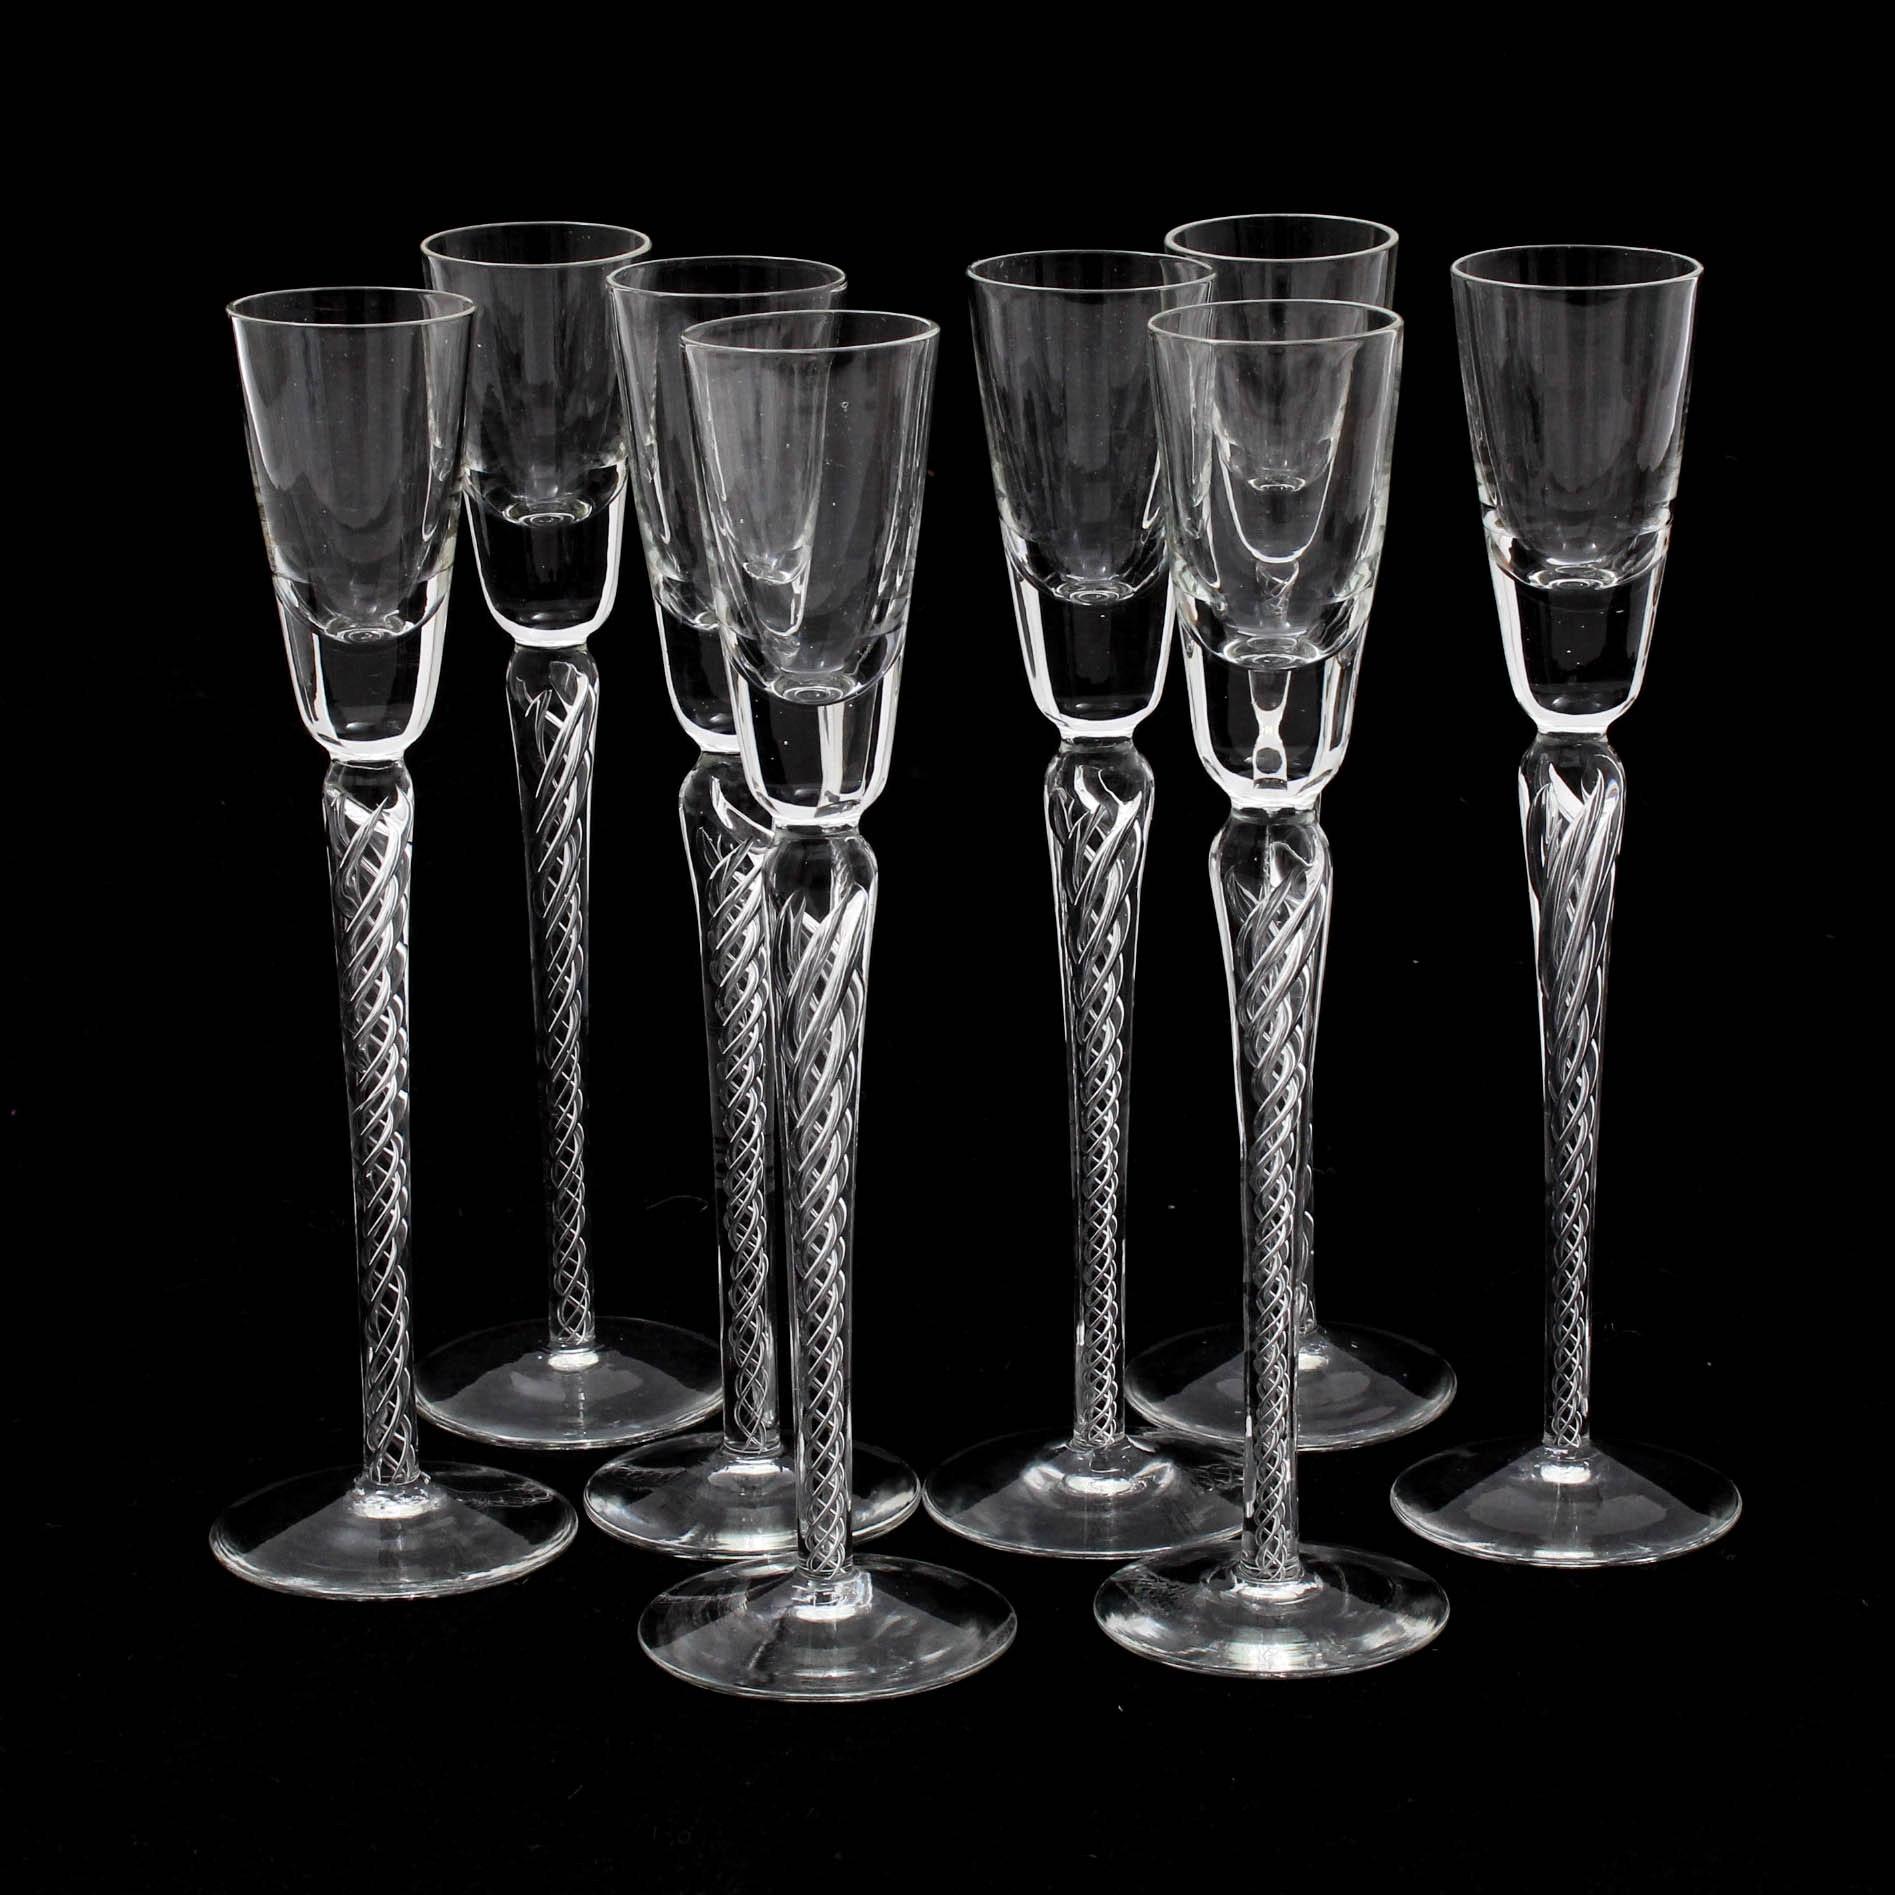 Stuart Crystal Iona Air Twist Tall Stem Cordial Glasses